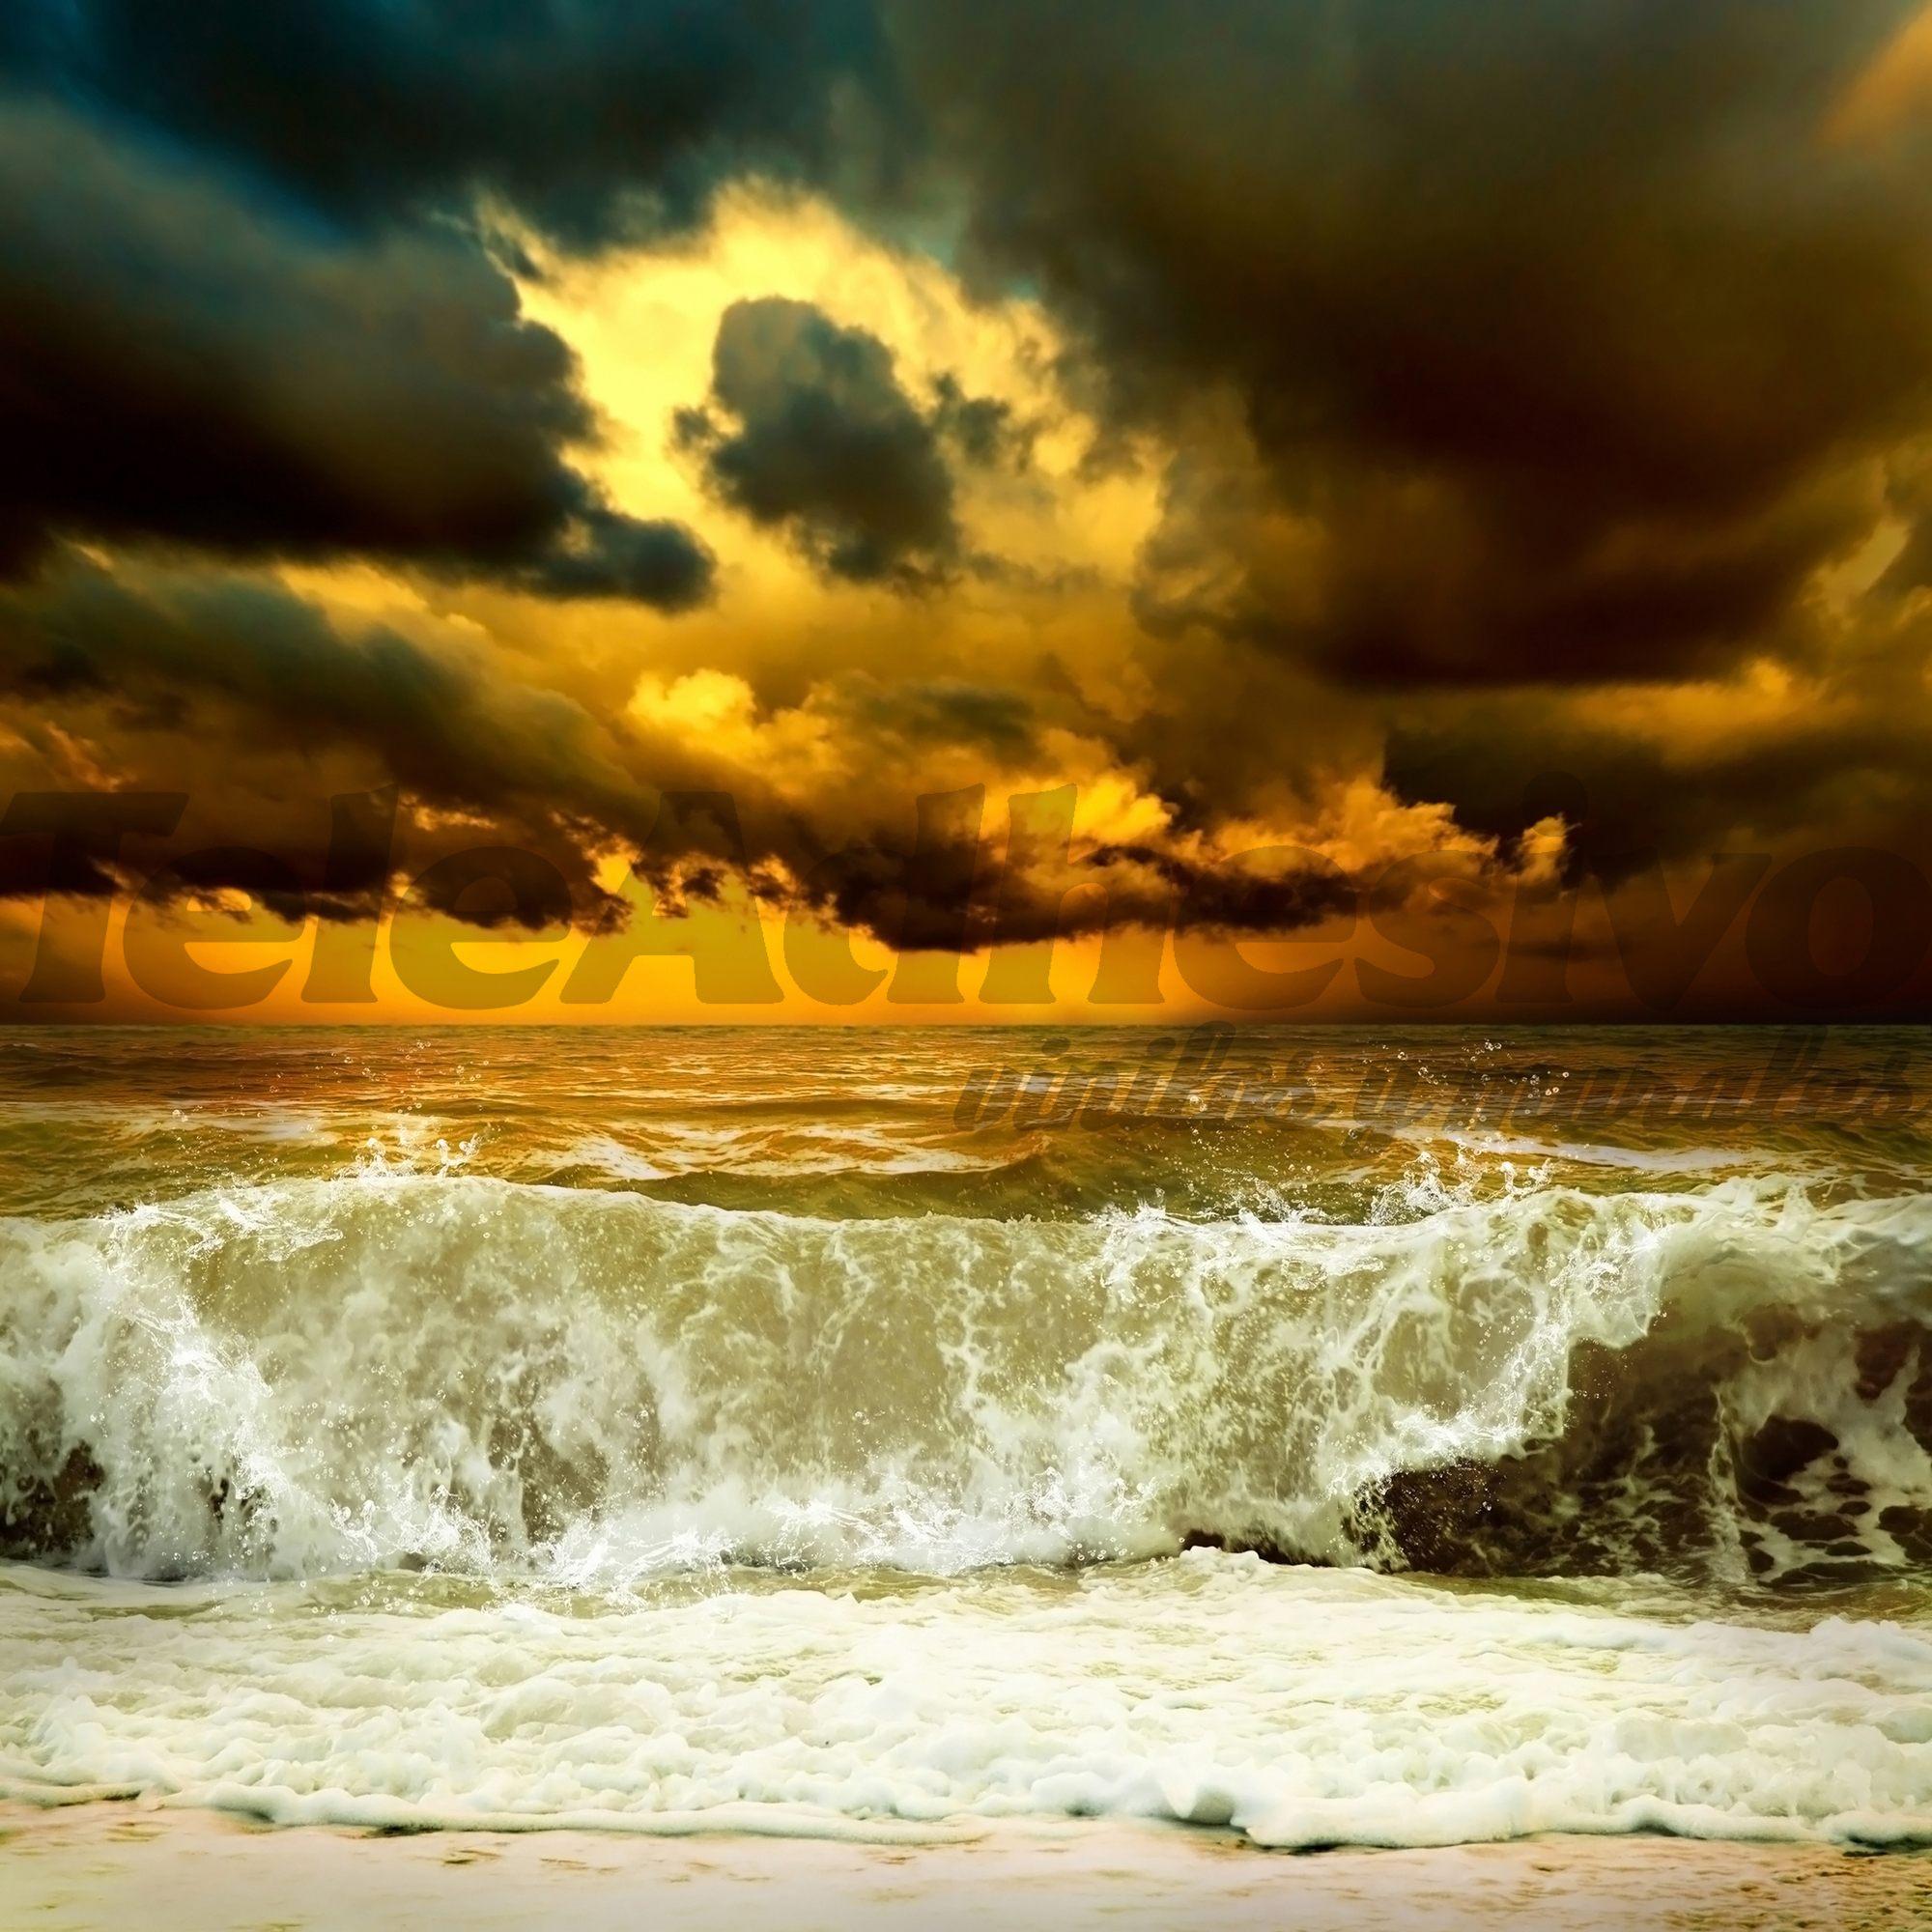 Fototapeten: Welle vor dem Sturm 2